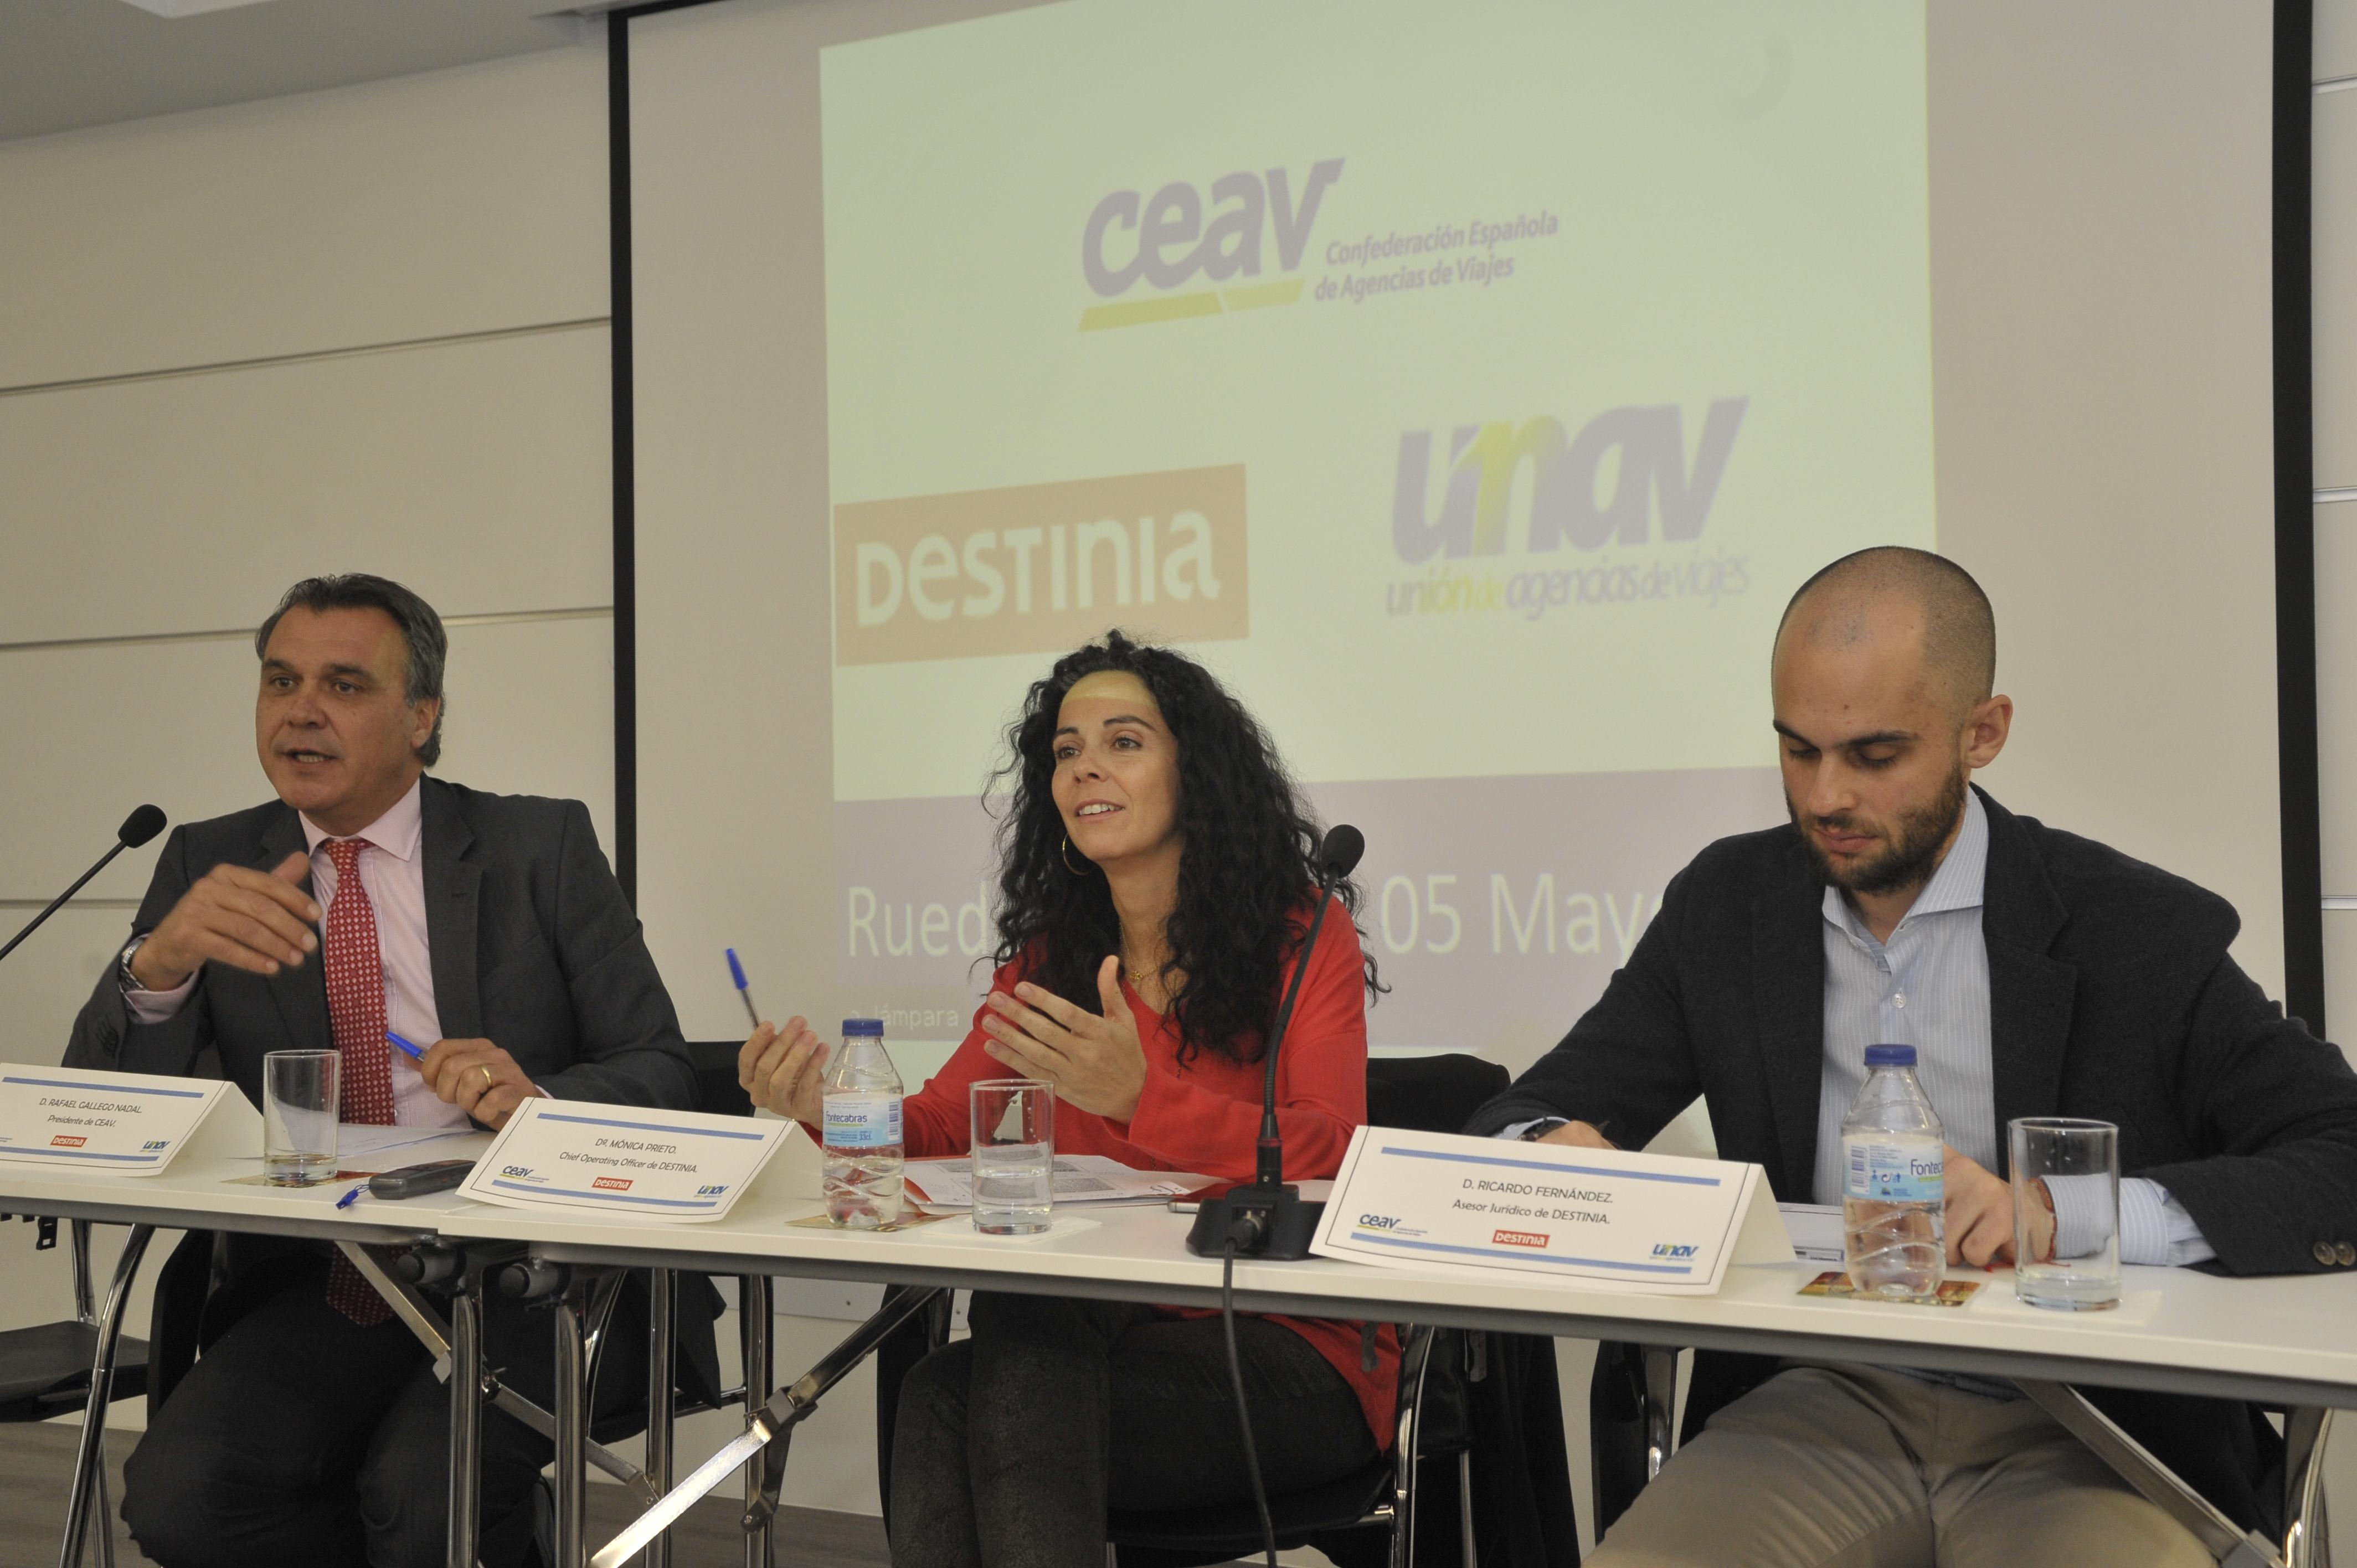 Rafael-Gallego-Mónica-Prieto-CEAV-Destinia